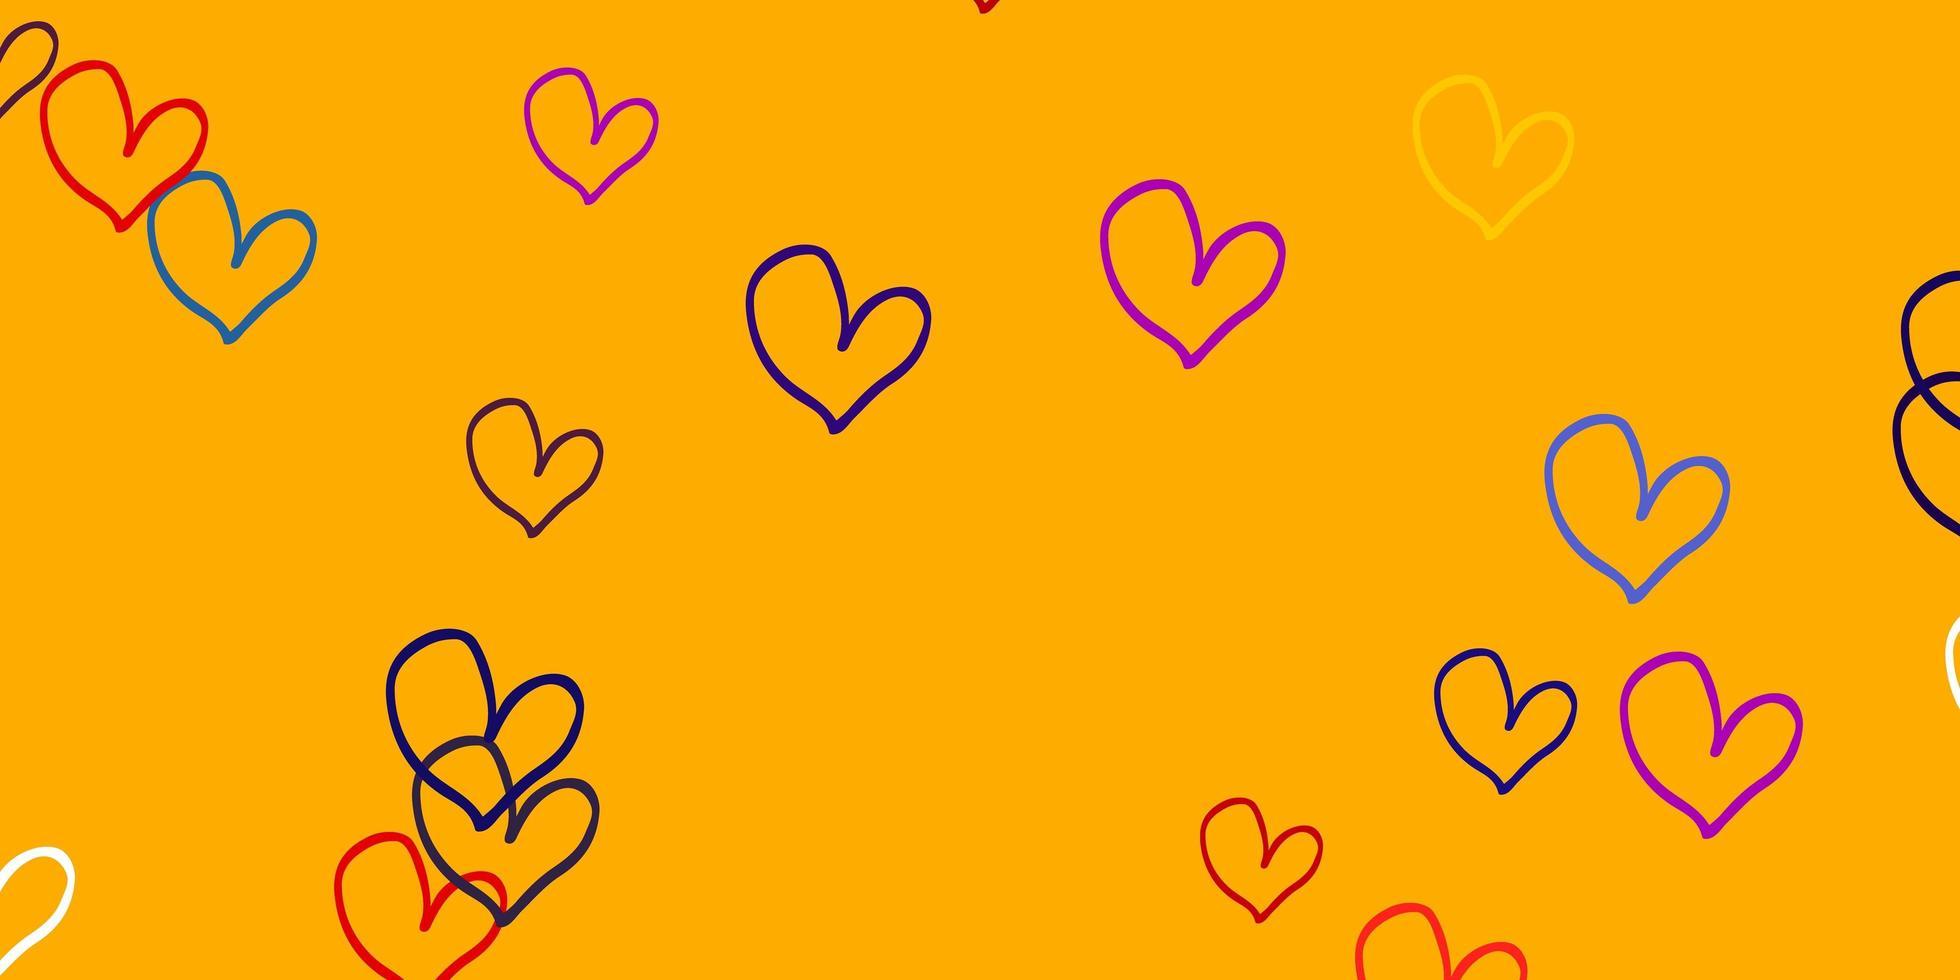 heller mehrfarbiger Vektorhintergrund mit Herzen. vektor